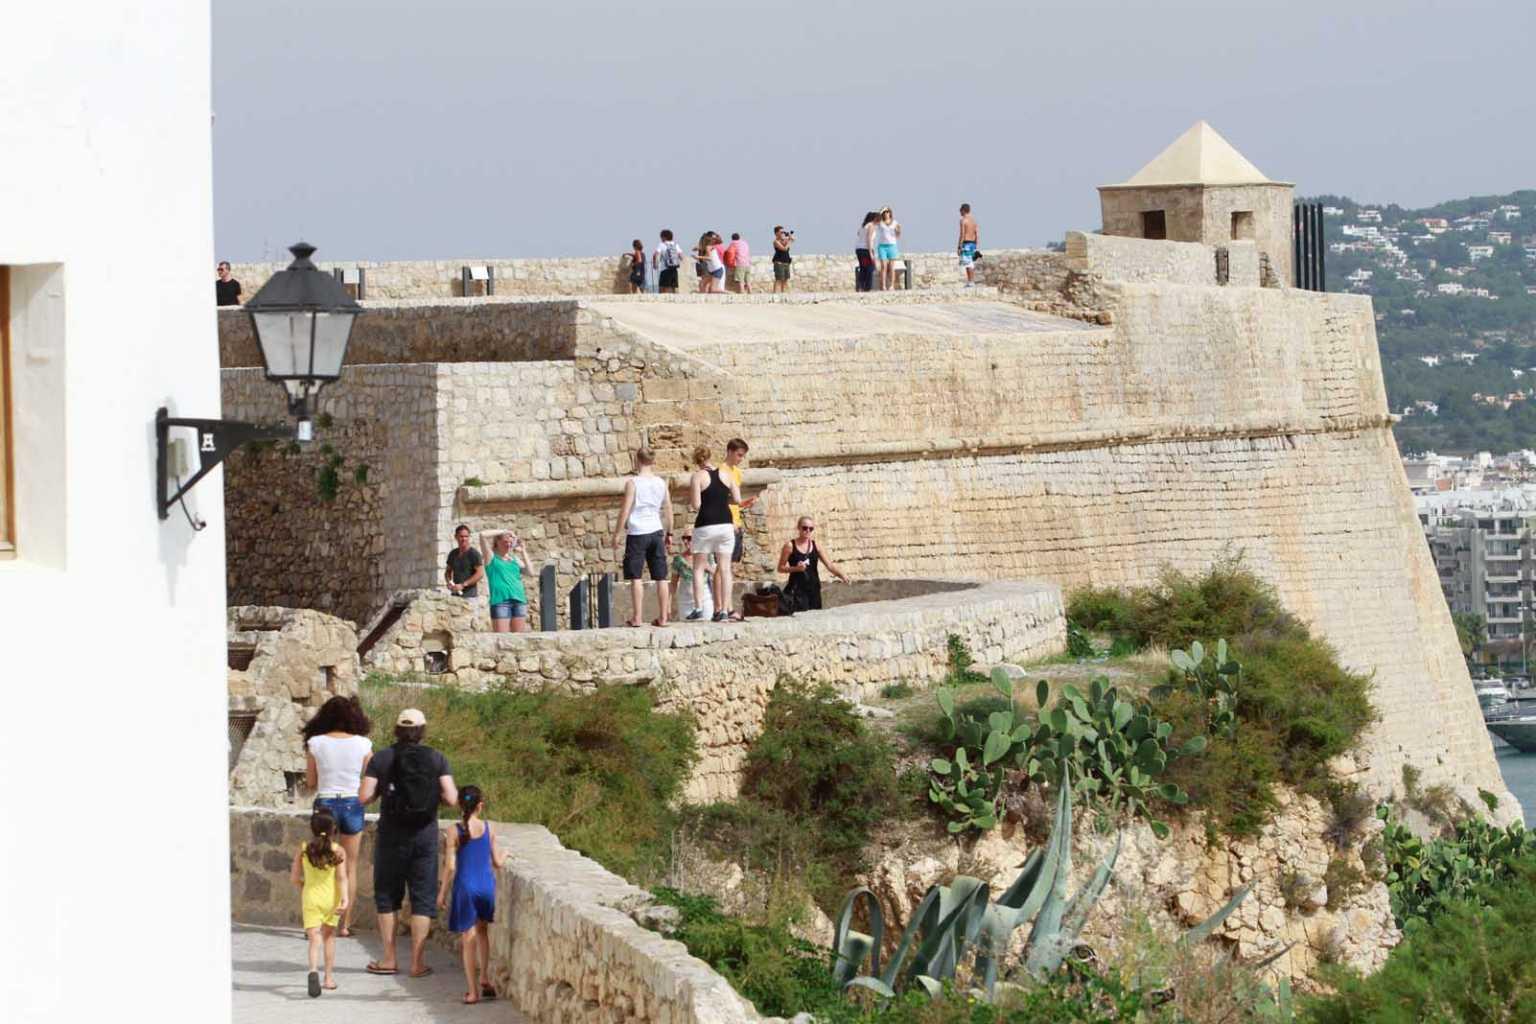 Aspecto de las murallas de Eivissa, una joya del patrimonio histórico y uno de los grandes atractivos turísticos de la isla. Vicent Marí